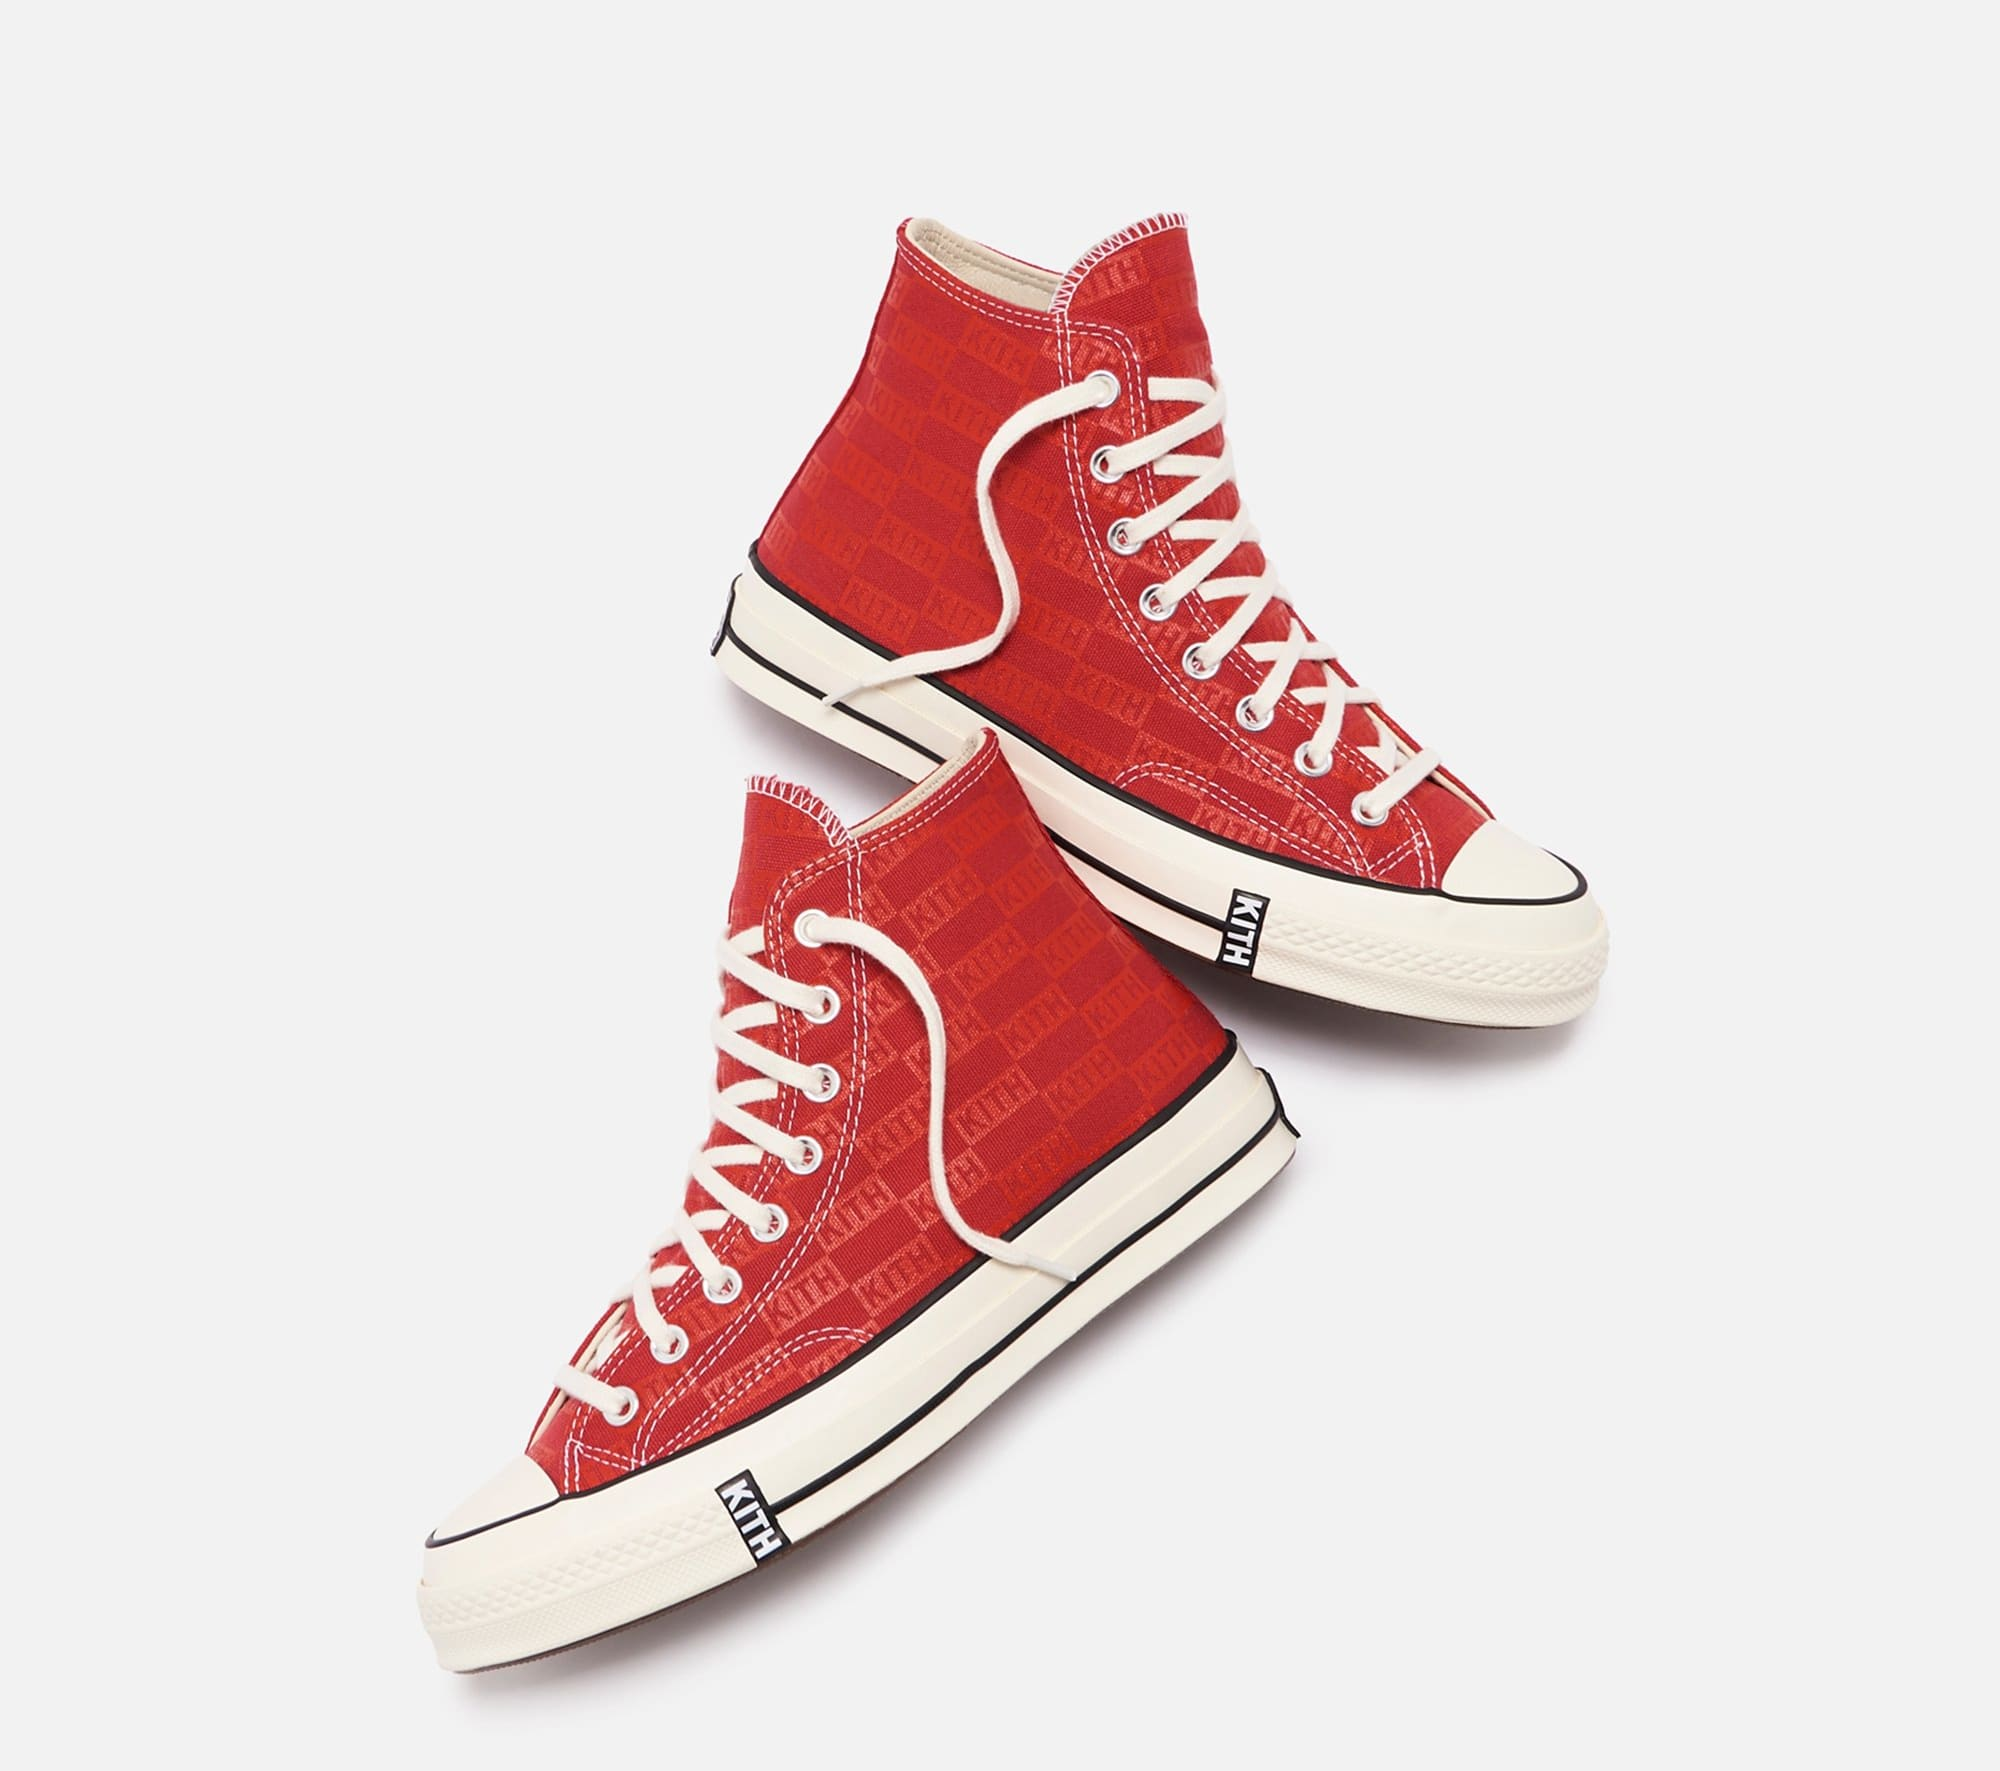 Kith x Converse Chuck 70 'Red' (Pair 2)